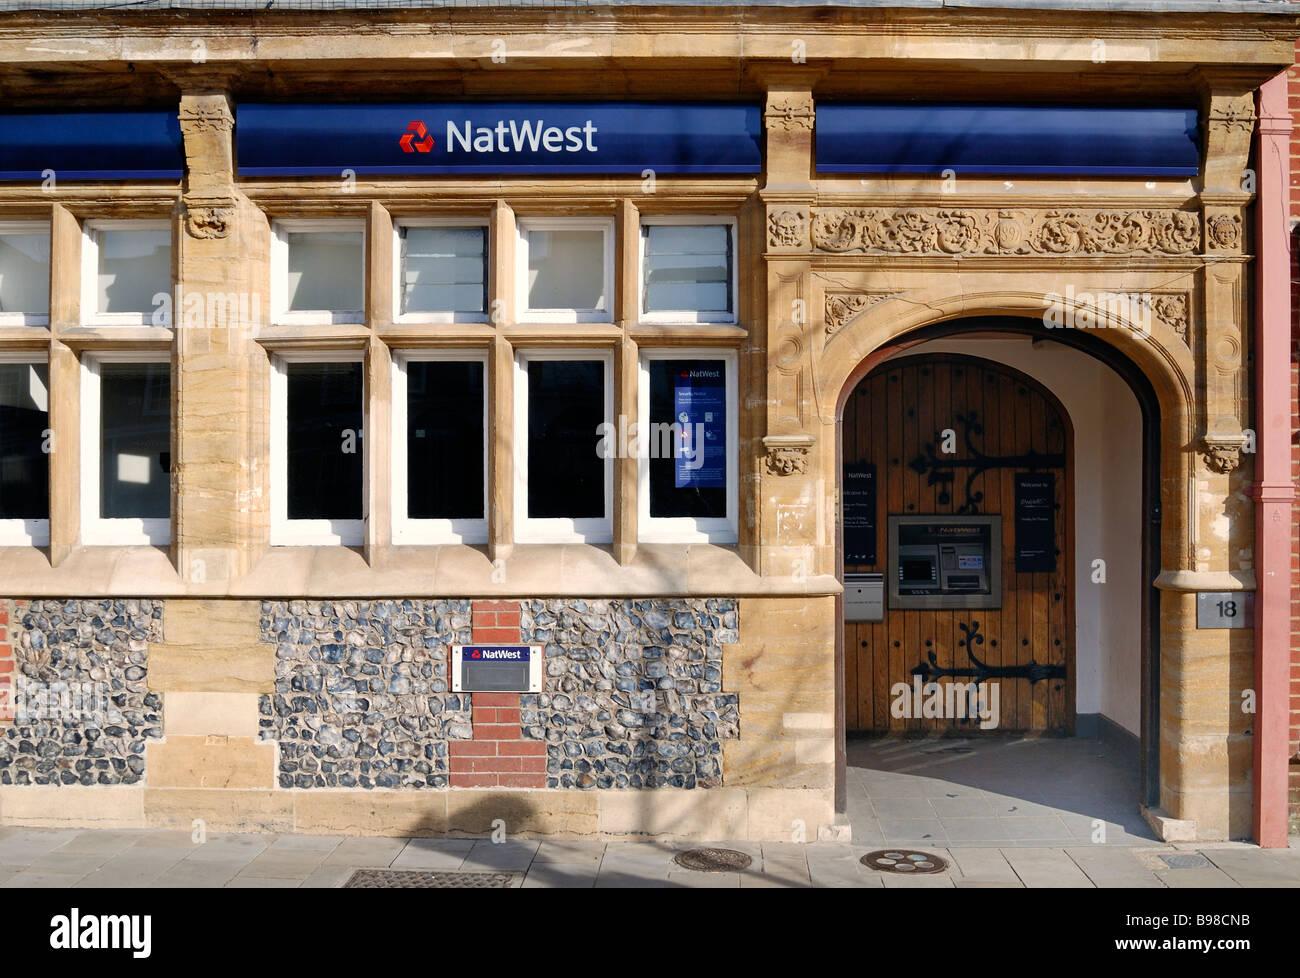 Natwest bank door - Stock Image